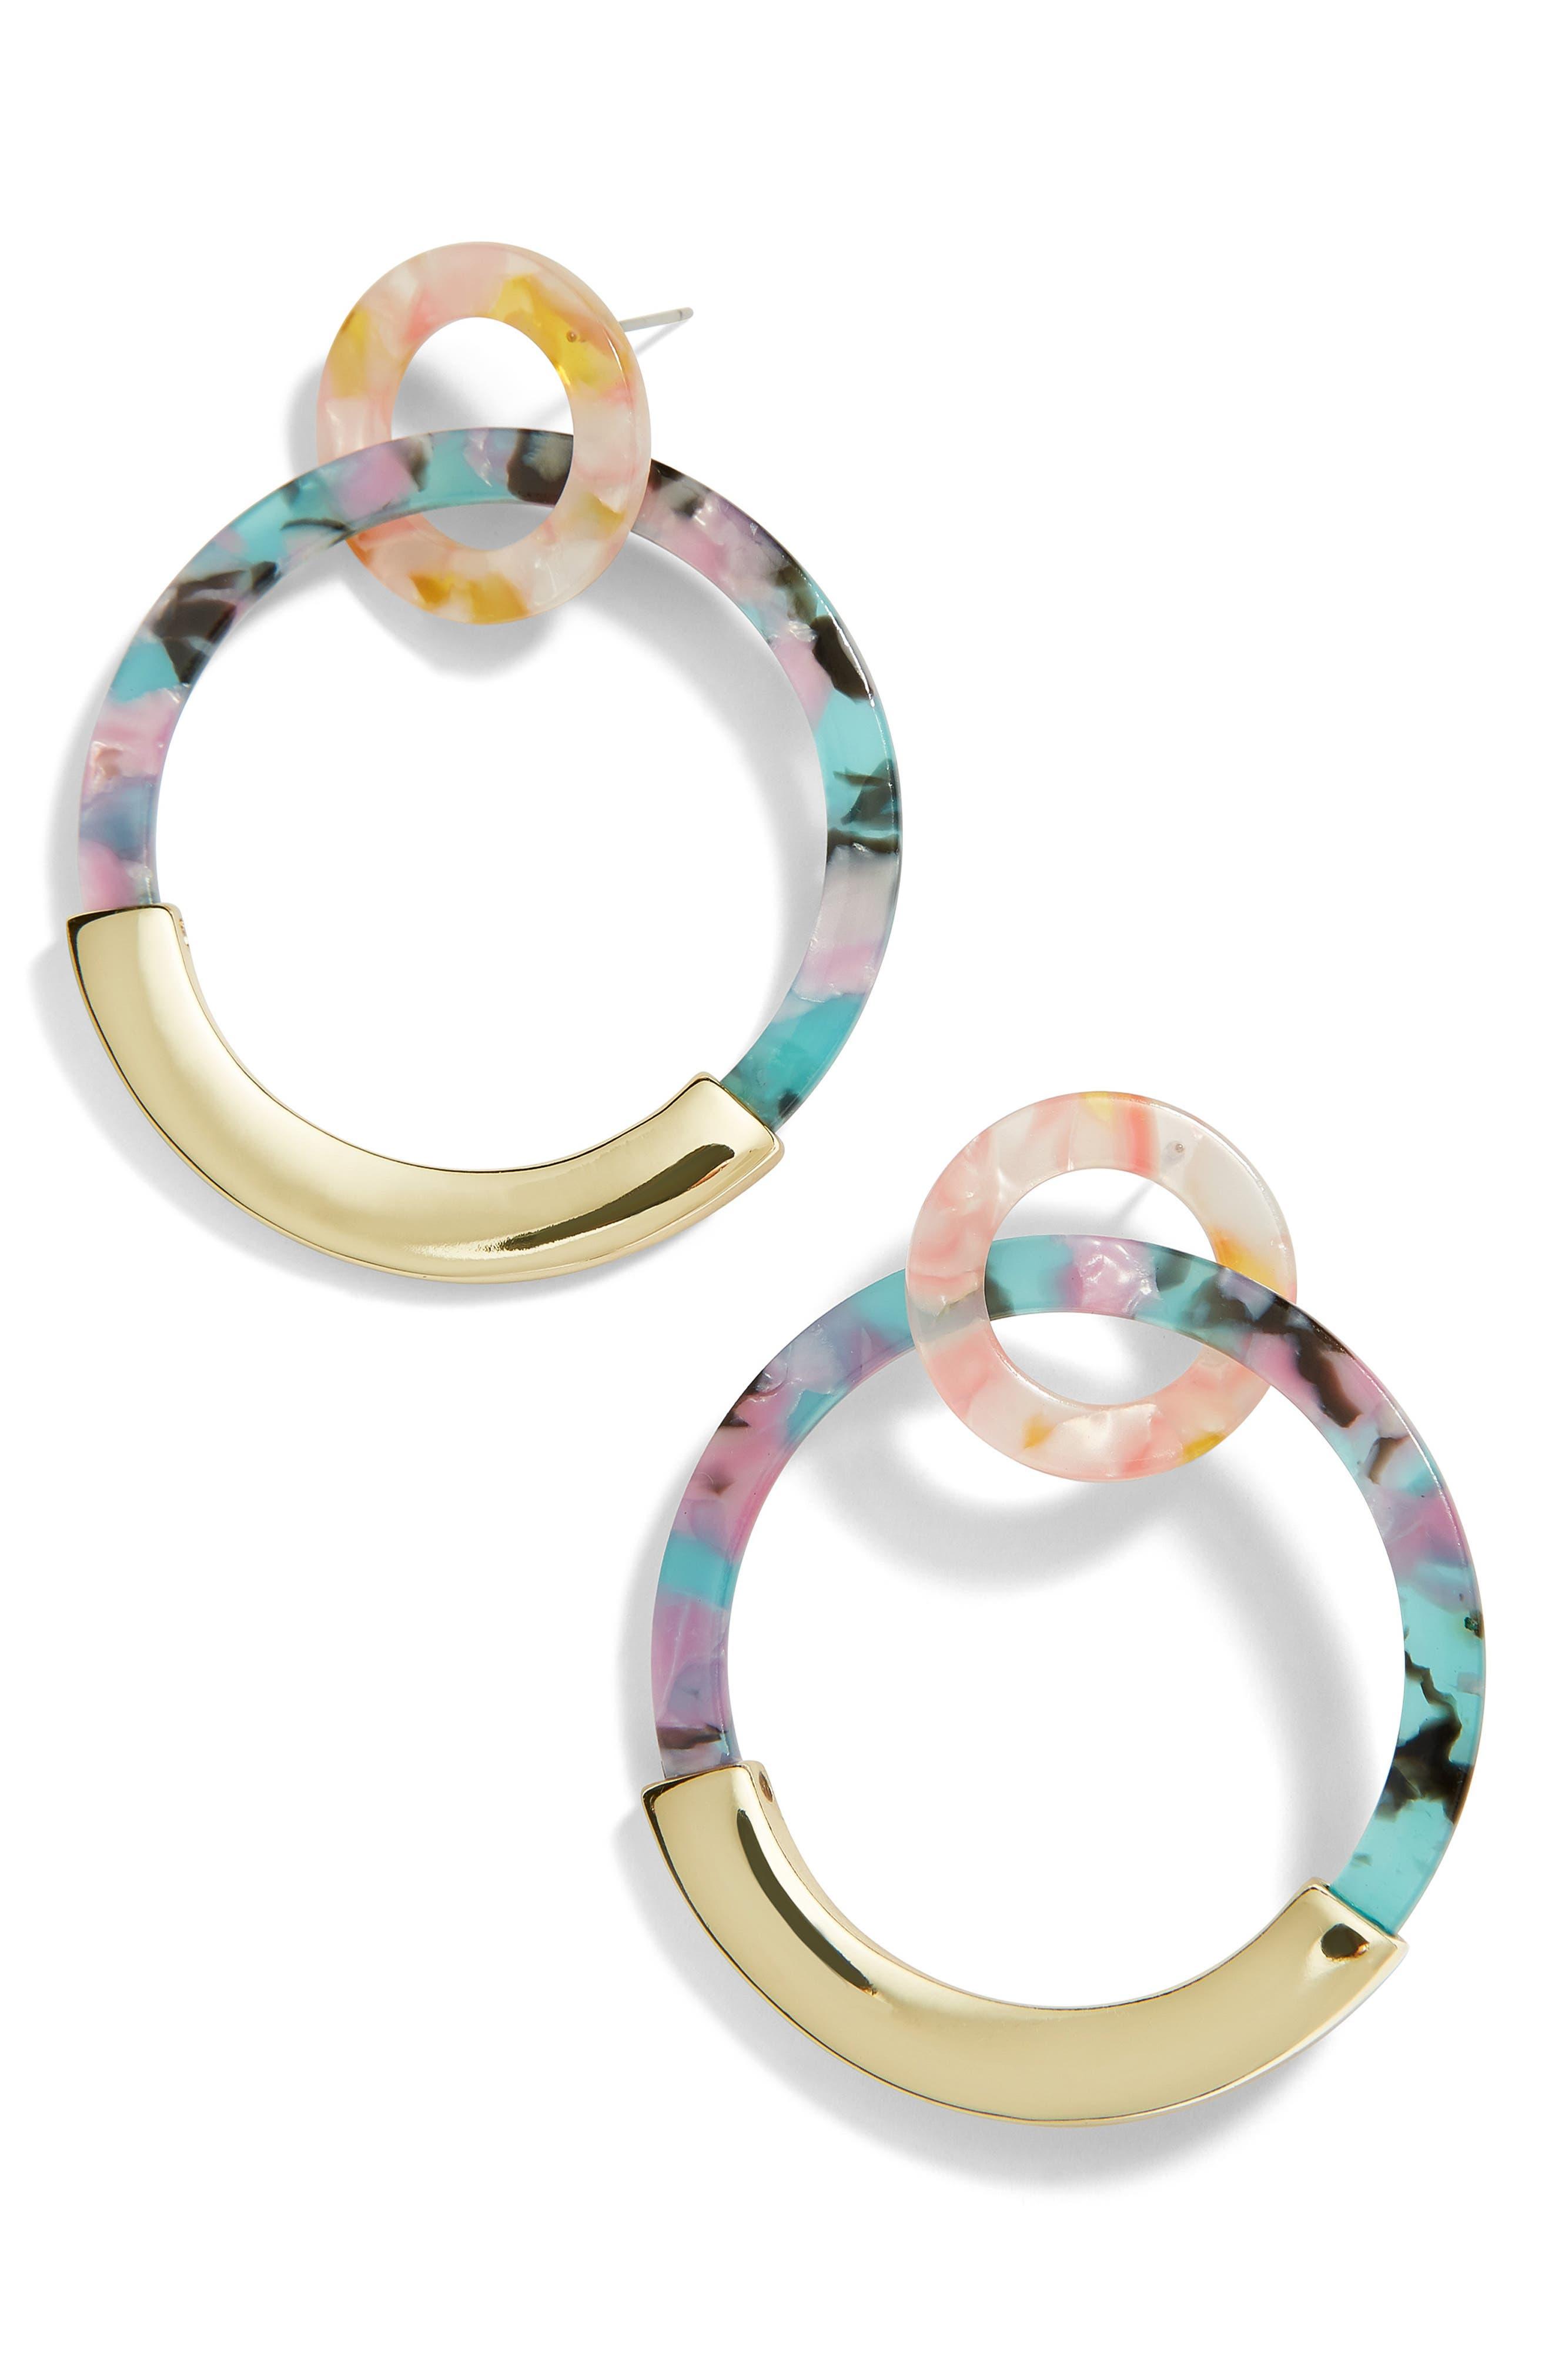 BAUBLEBAR Daniya Resin Hoop Earrings in Turquoise/ Purple